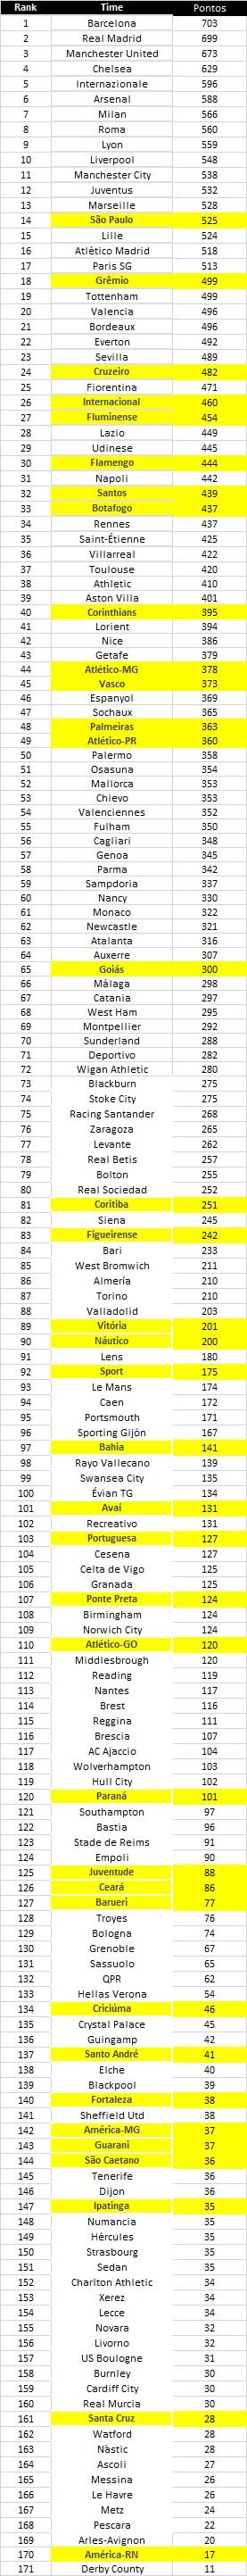 Pontos somados por cada clube de 2006 a 2013